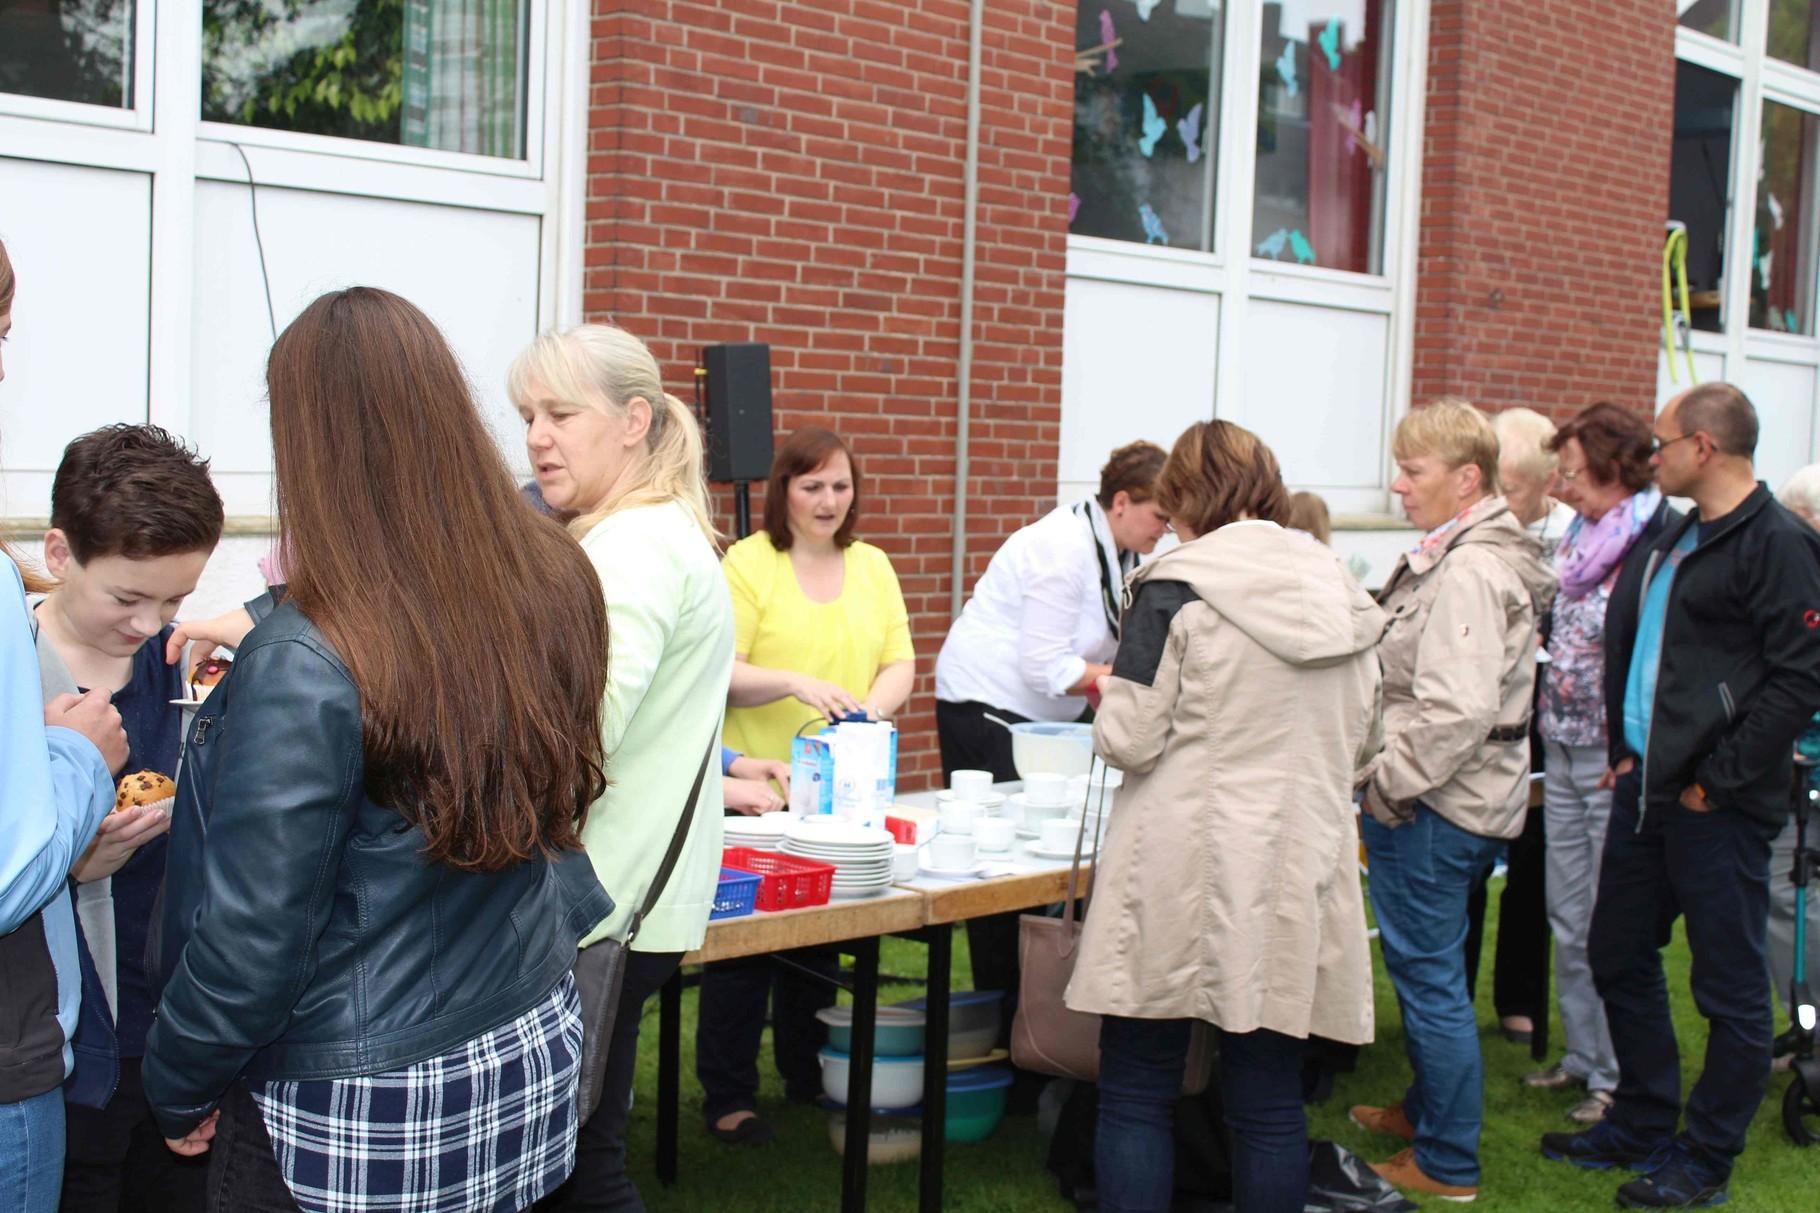 Die Elterngruppe vom Haempenkamp Kindergarten backt Waffeln und verkauft Kuchen - gespendet von Eltern des Antonius Kindergartens!